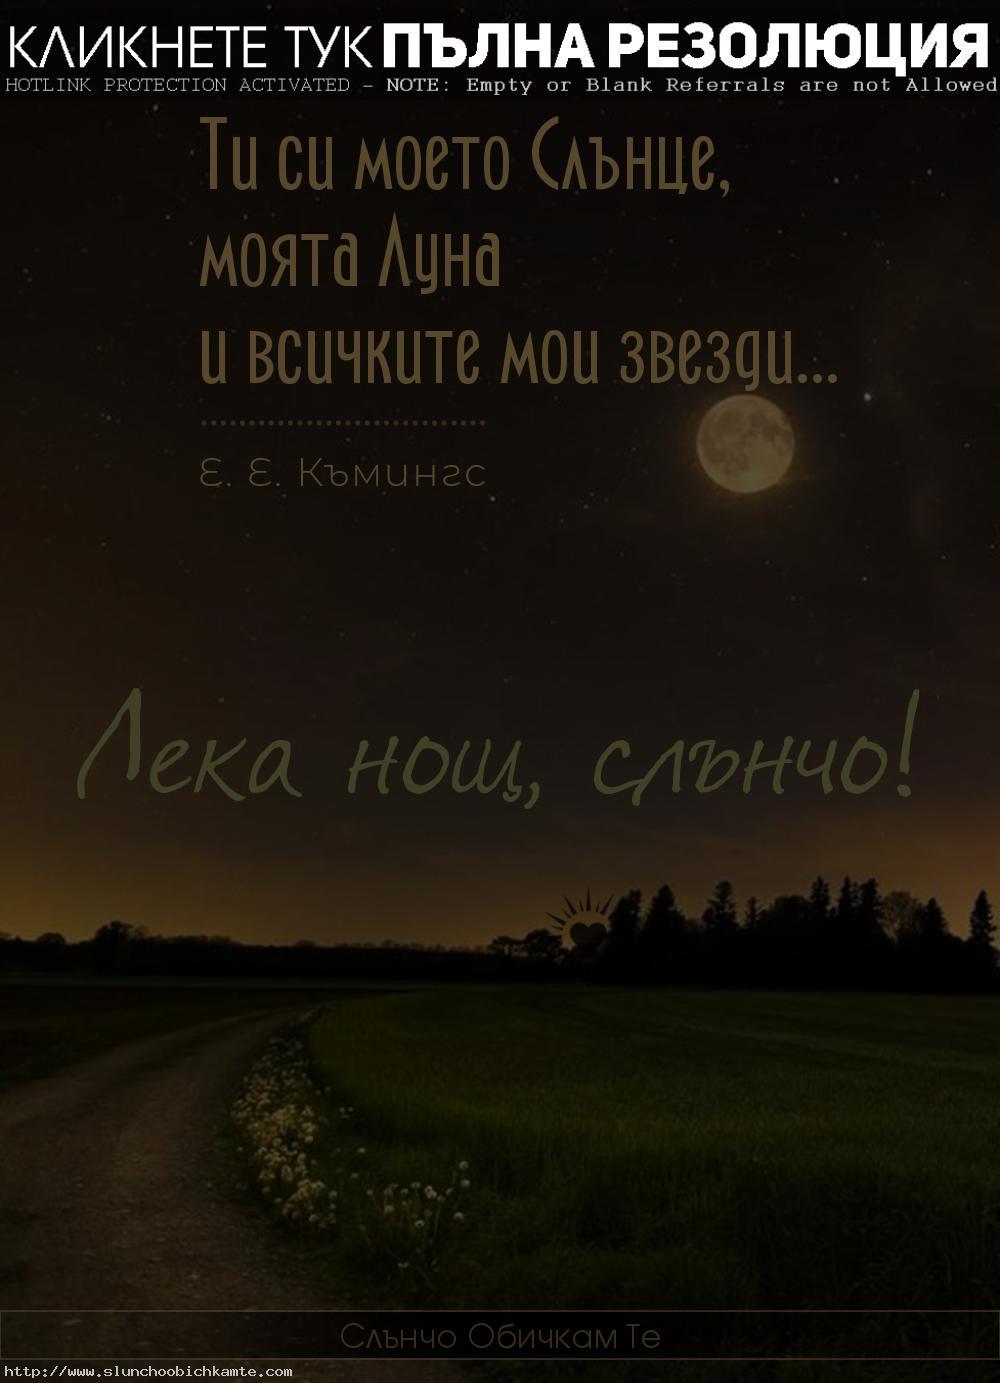 Лека нощ слънчо, ти си моето слънце, моята луна и всичките мои звезди - цитат на Е. Е. Къмингс, картички за лека нощ, пожелания за лека нощ, лека нощ обичам те